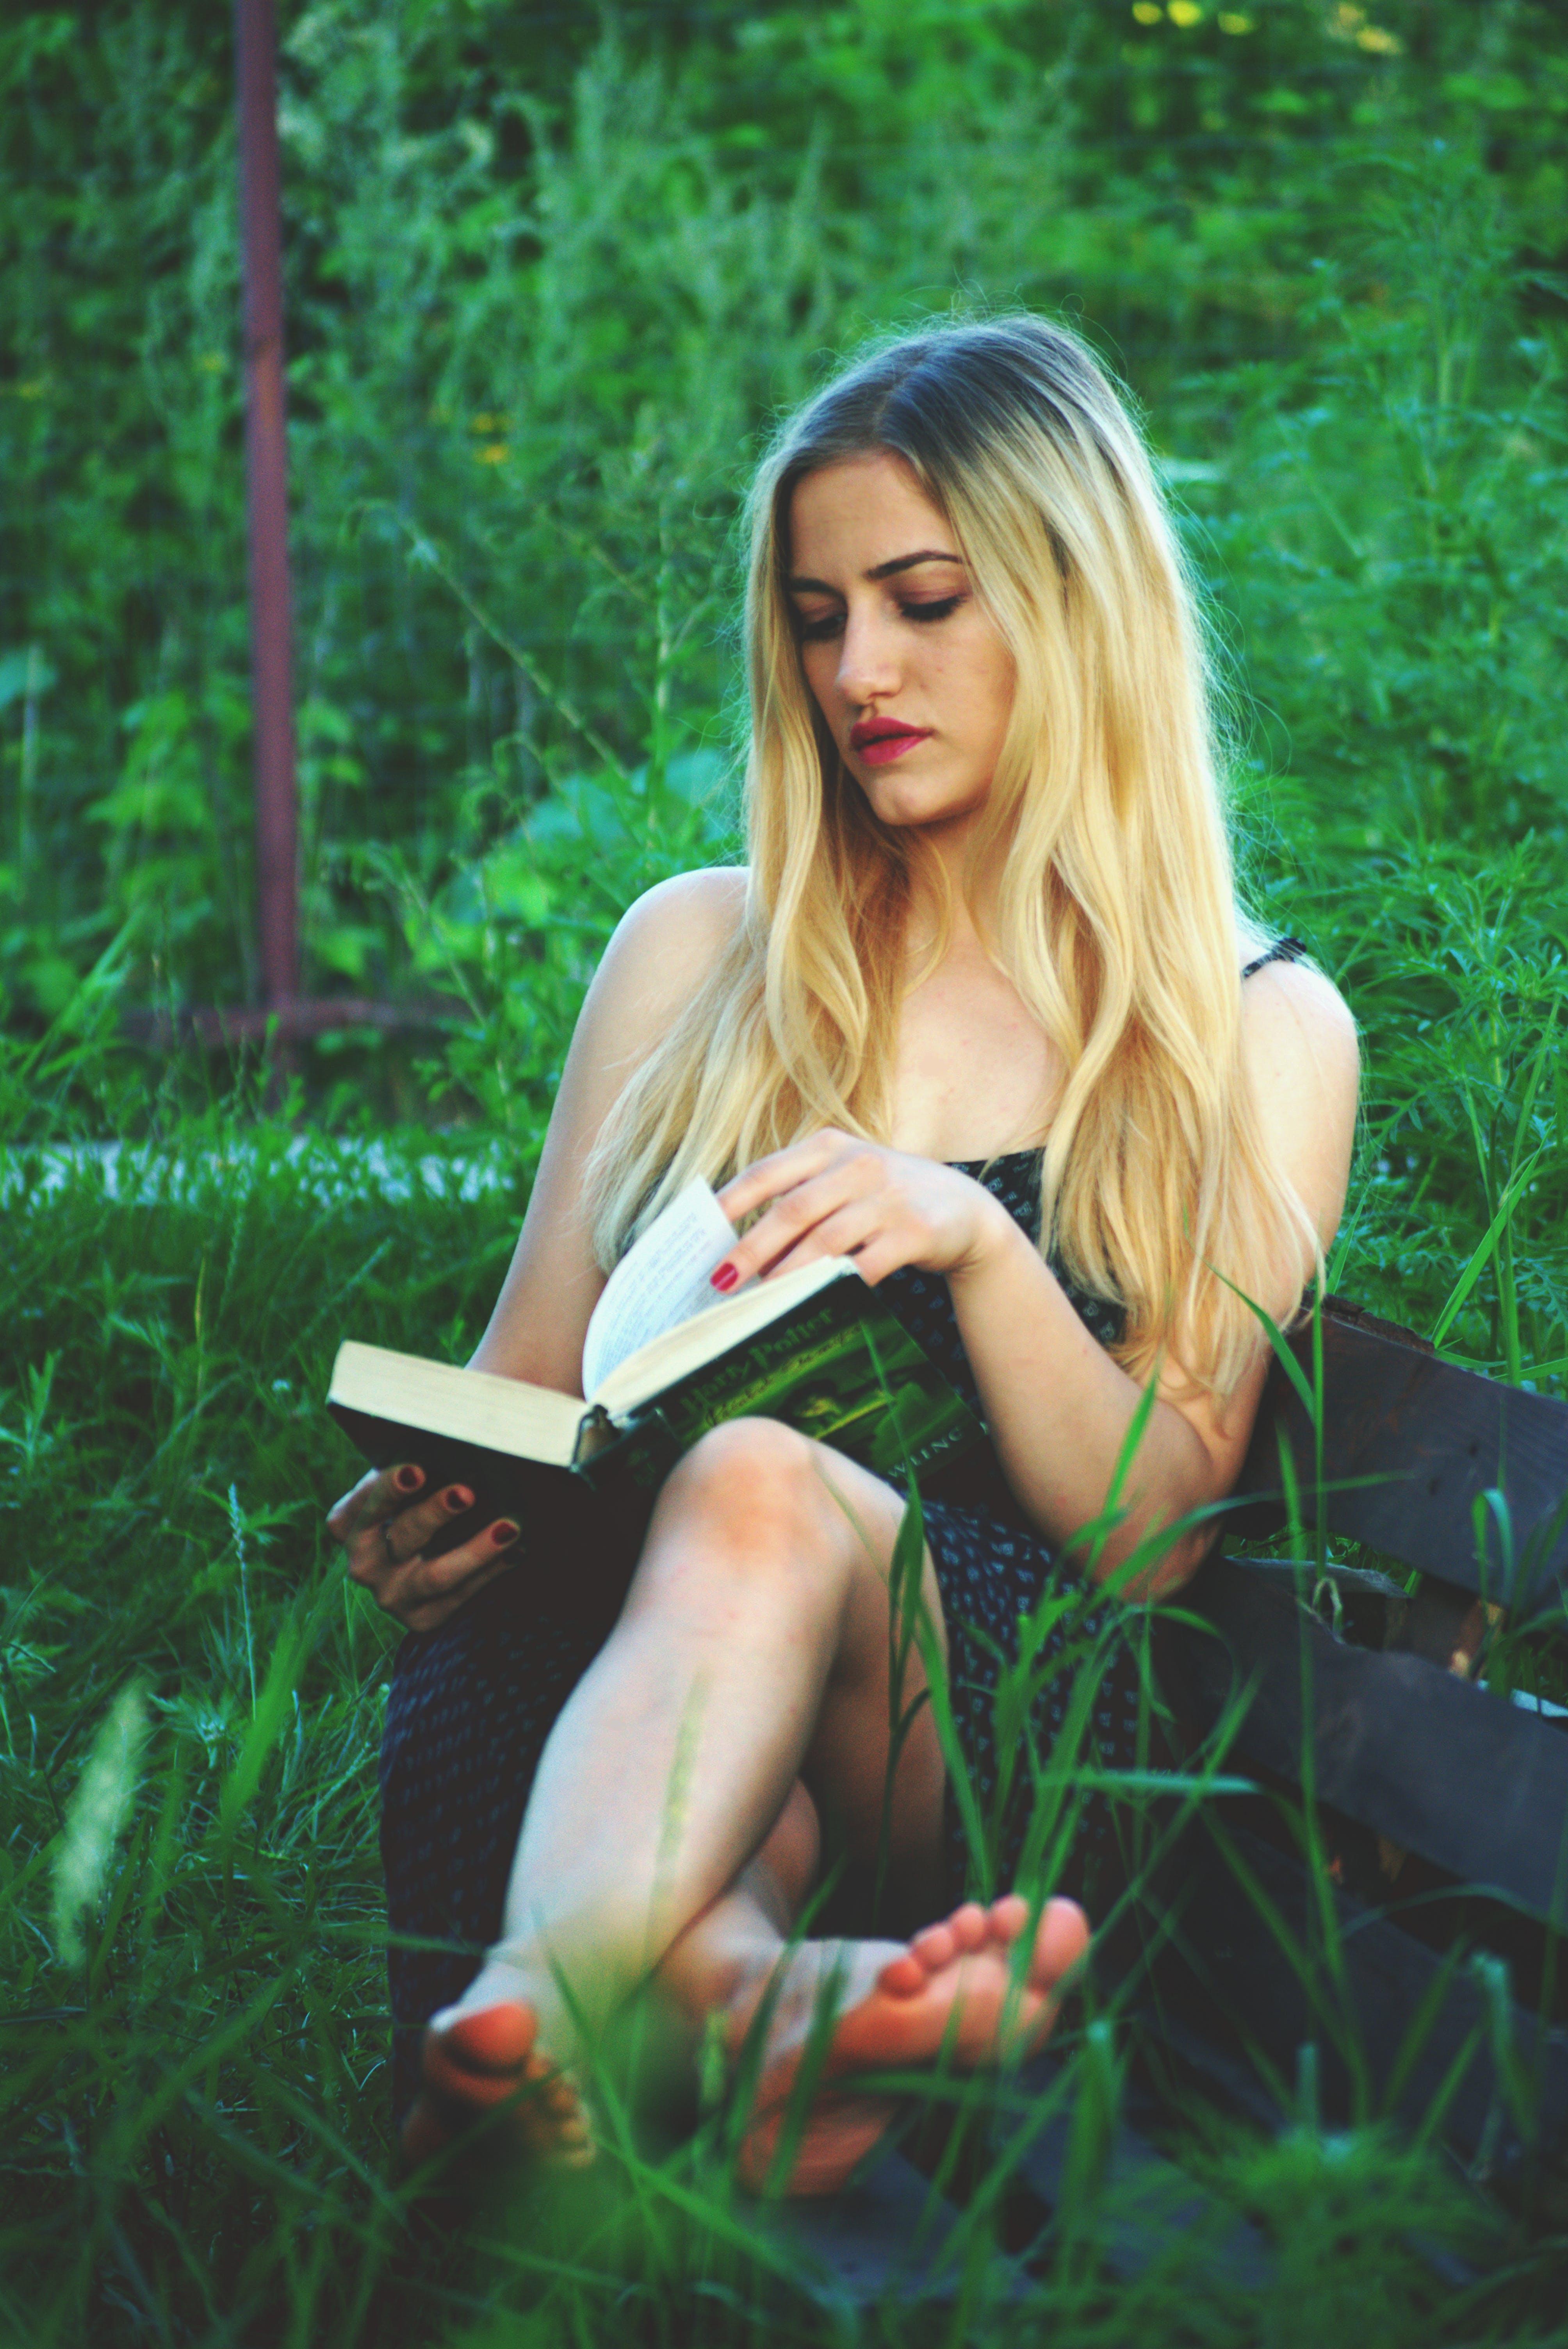 Kostenloses Stock Foto zu bank, blond, entspannung, frau